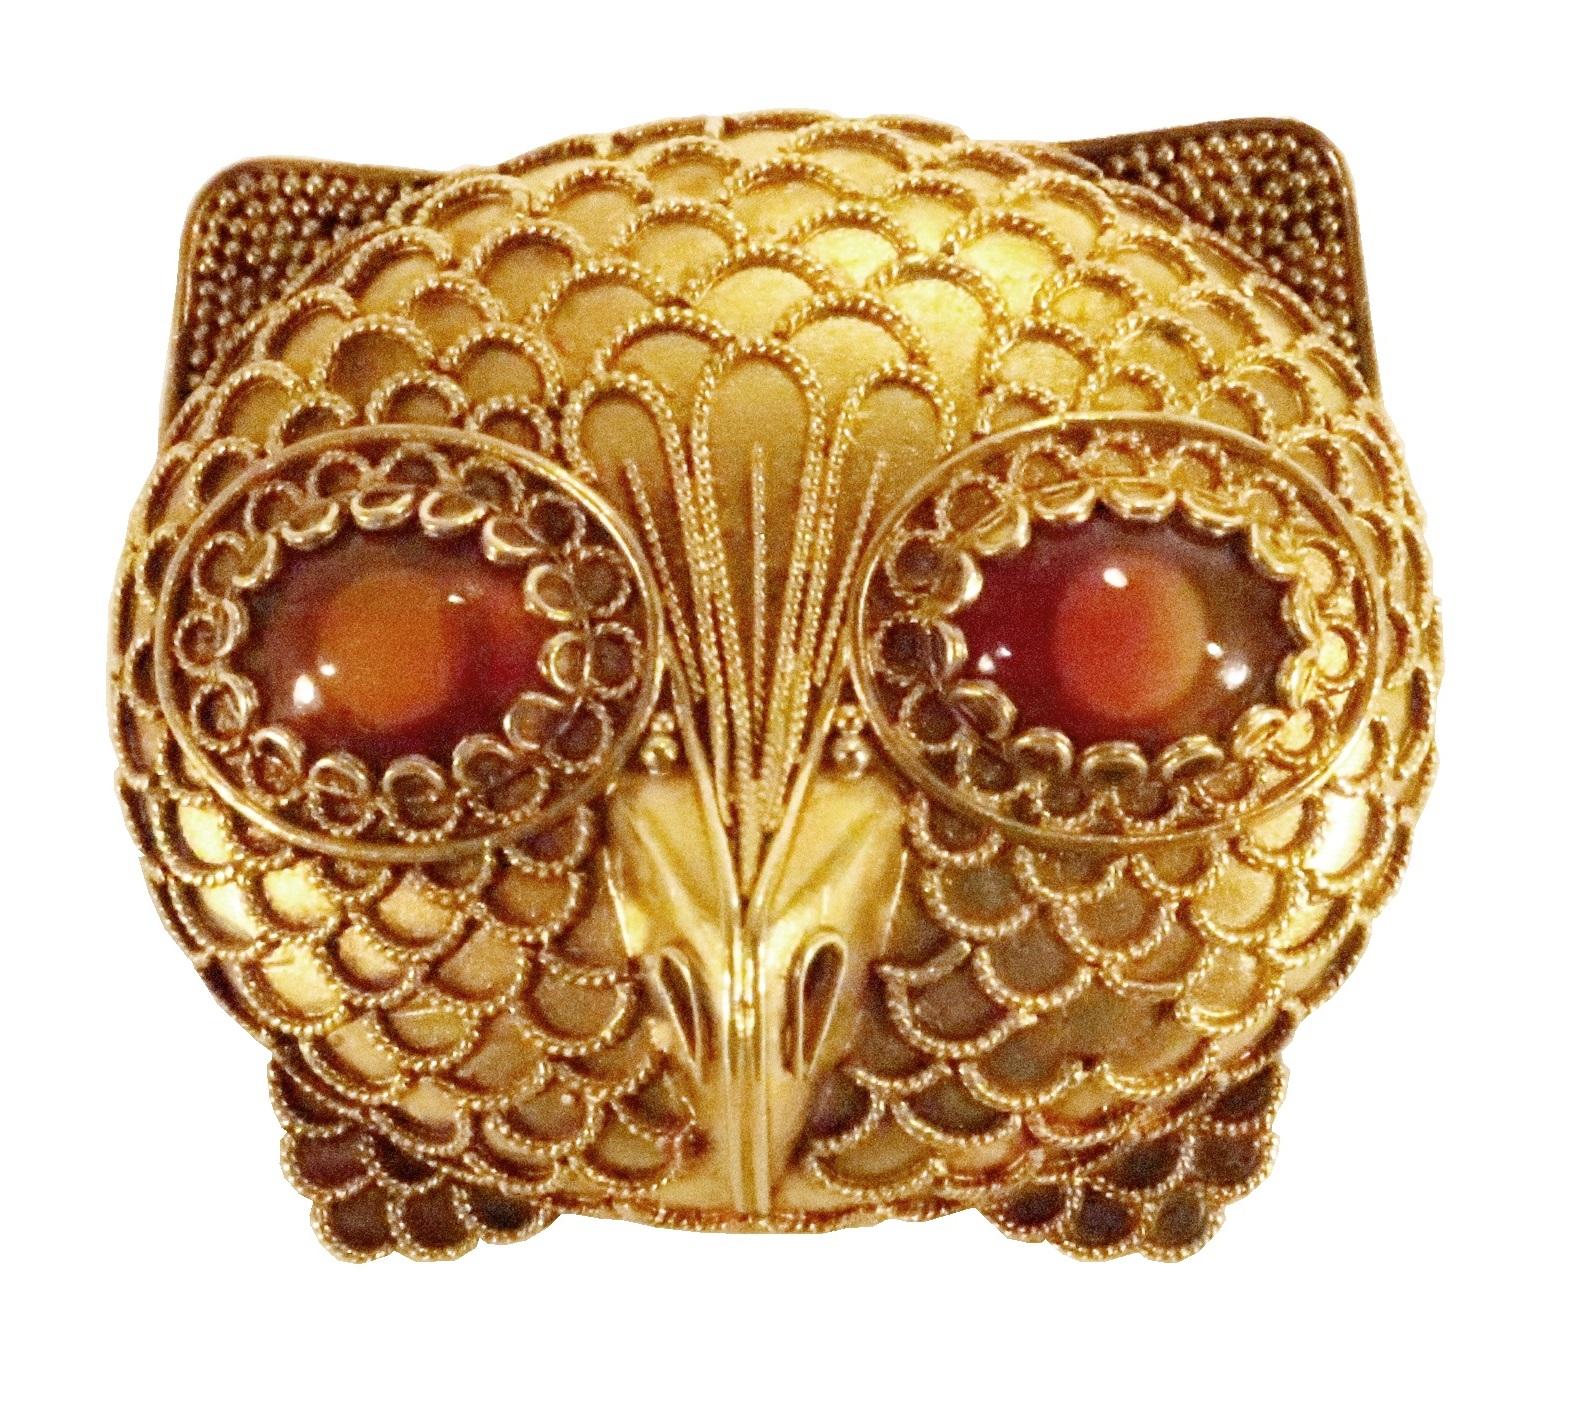 Gold And Agate Pendant Brooch, Castellani, Circa 1855.2